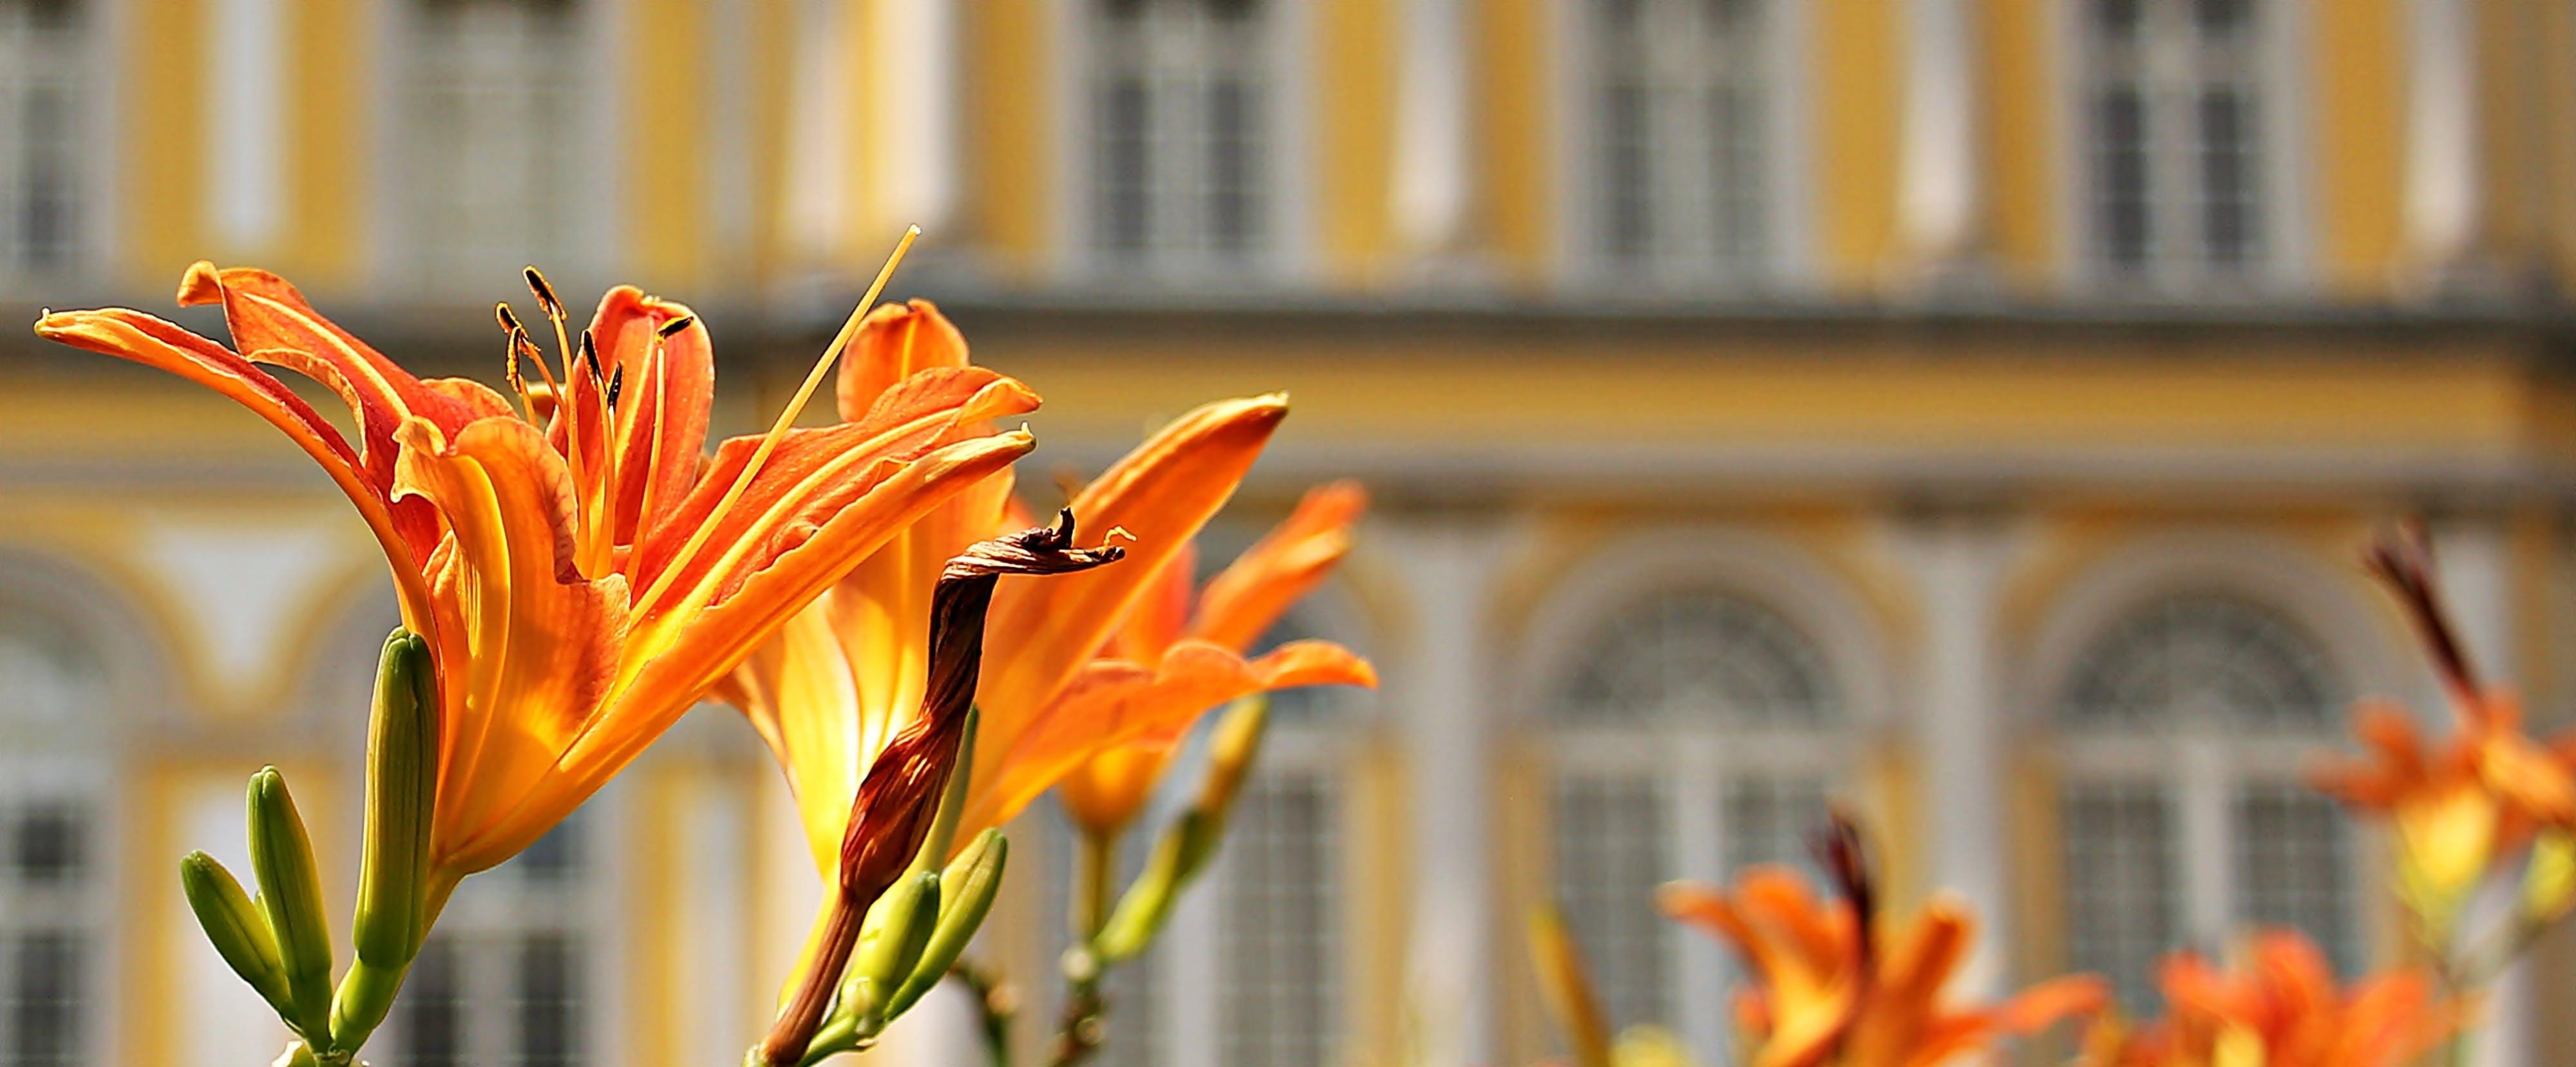 Orange Flowers Beside Buildings during Daytime